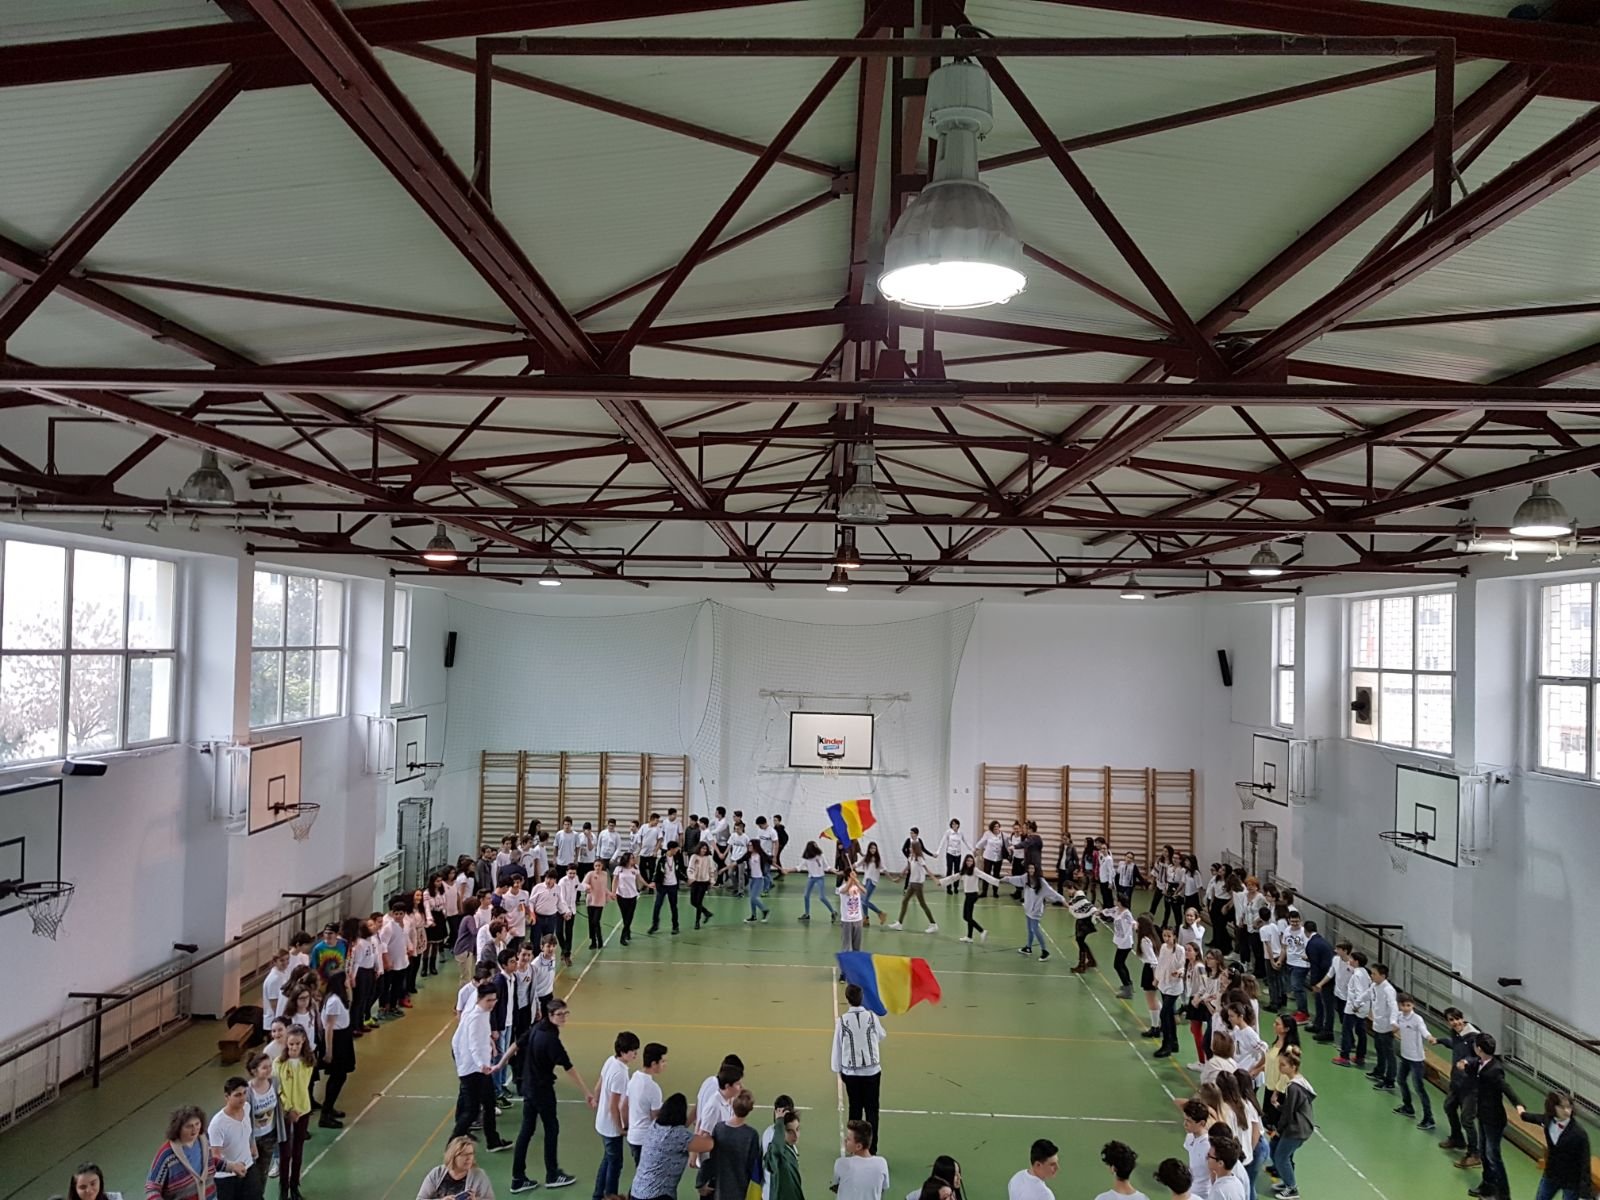 http://www.scoala12bucuresti.ro/site/wp-content/uploads/2017/12/14.jpg